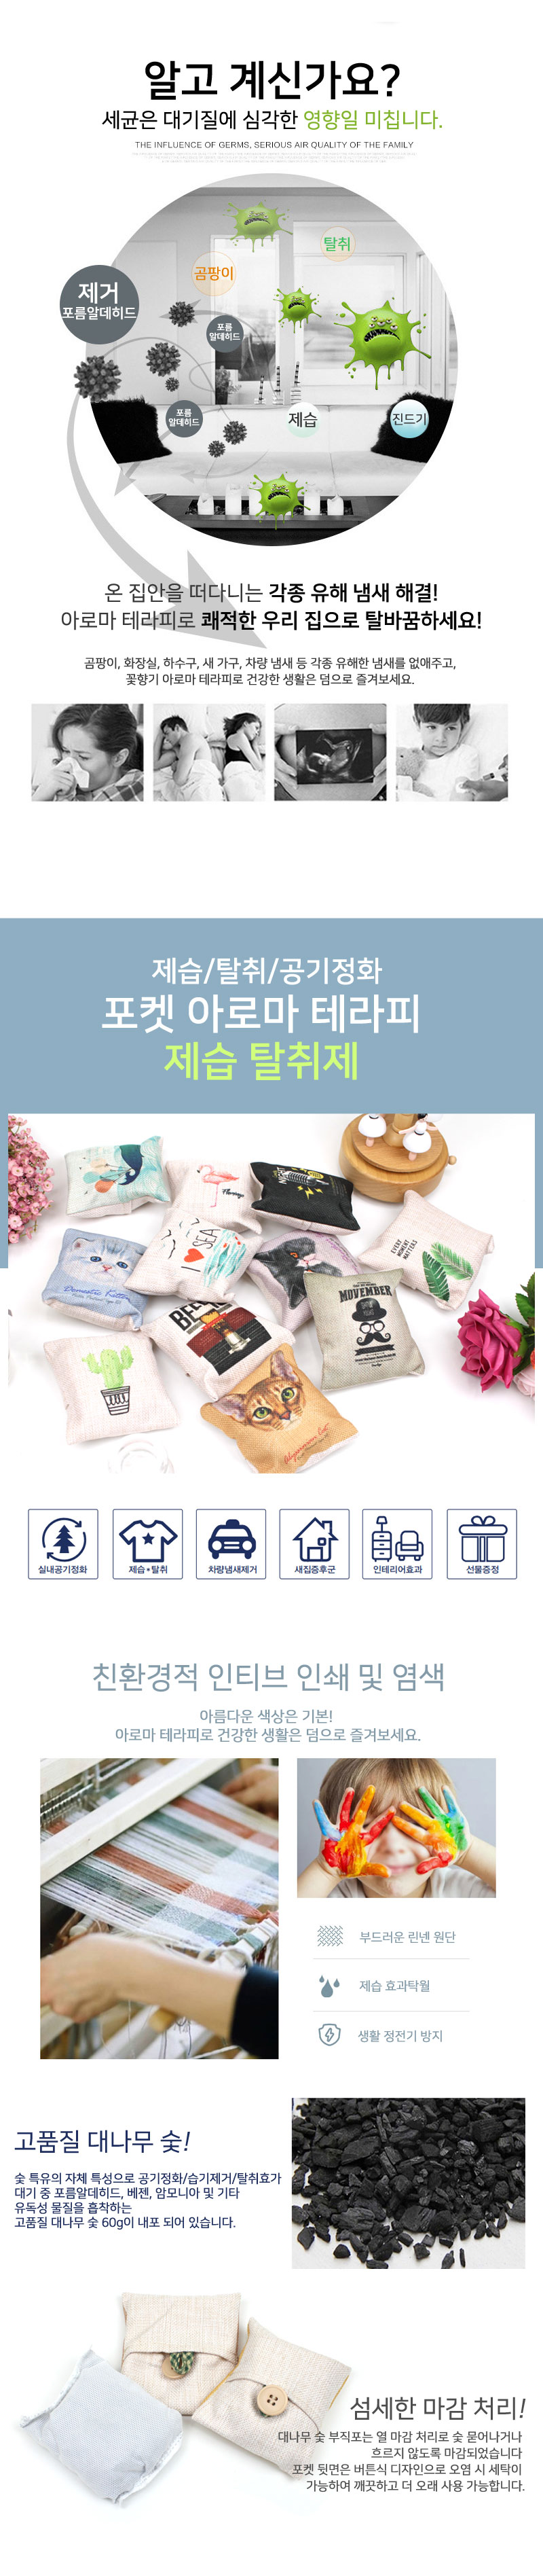 포켓 아로마 테라피 숯 제습 탈취제 공기정화 - 아이펀즈, 11,000원, 아이디어 상품, 아이디어 상품